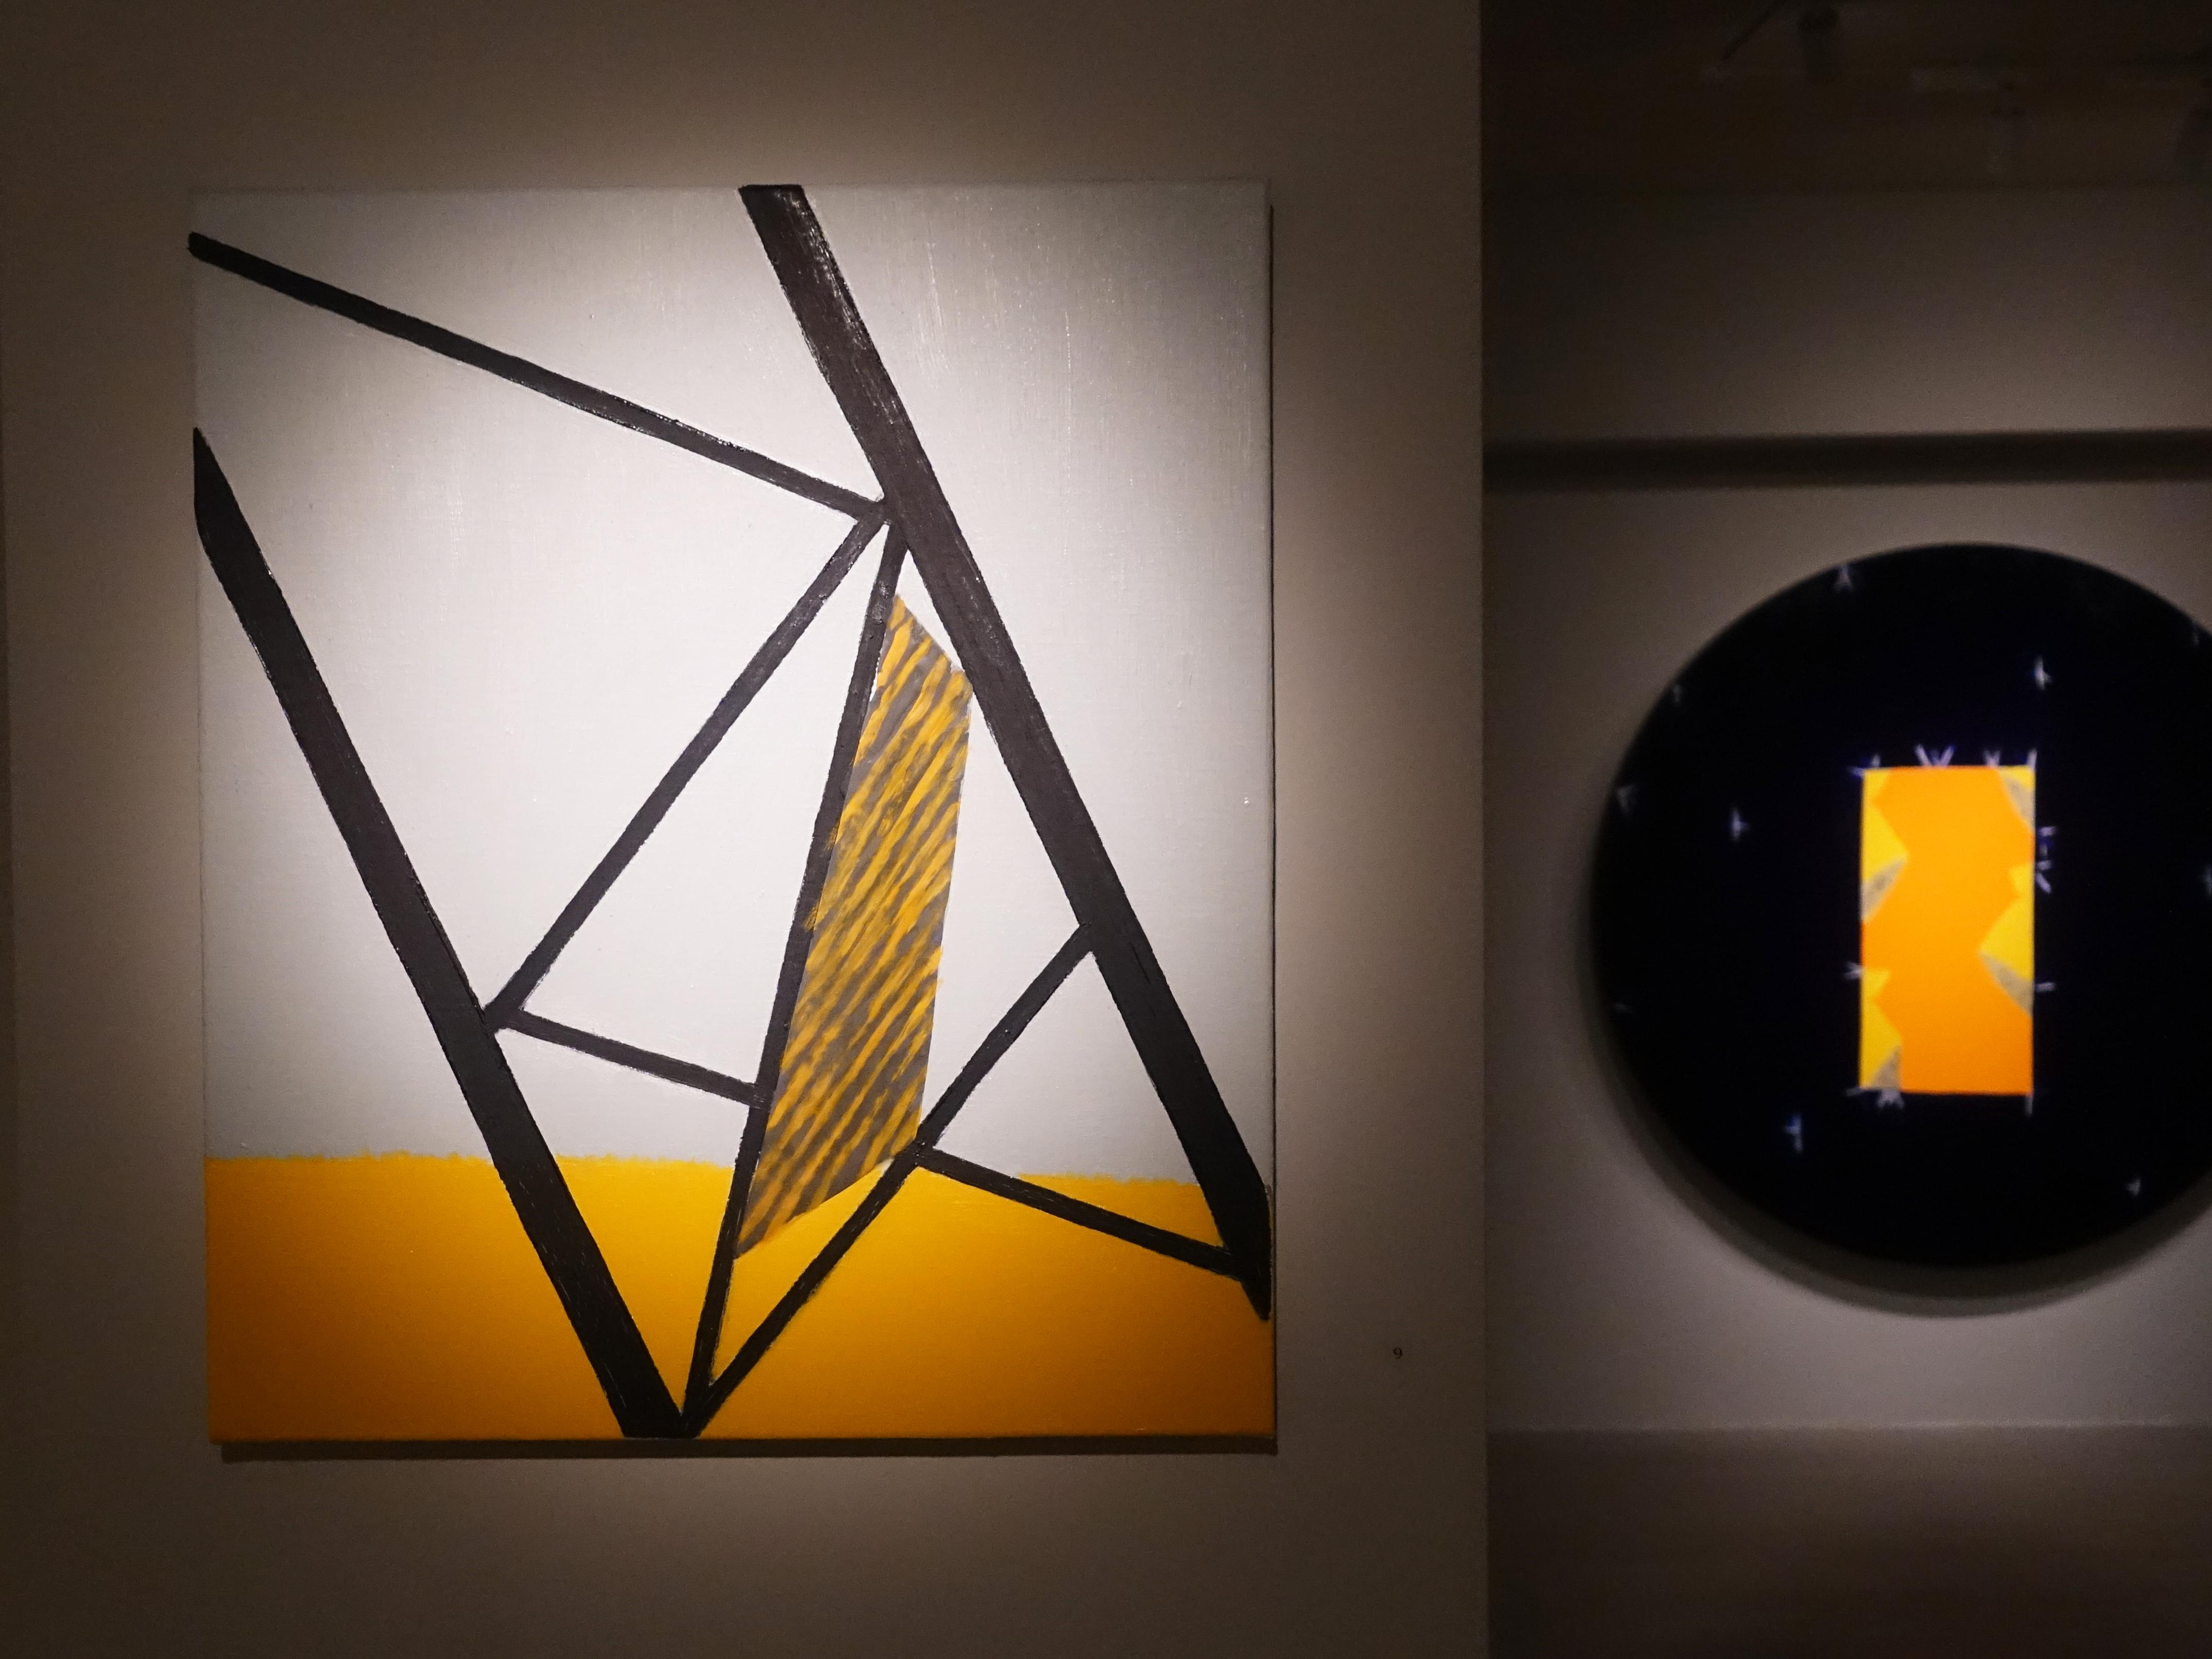 劉永仁,《游移疆界之三》,53x45.5cm,油彩、蜂蠟、鋁片、畫布,2019。